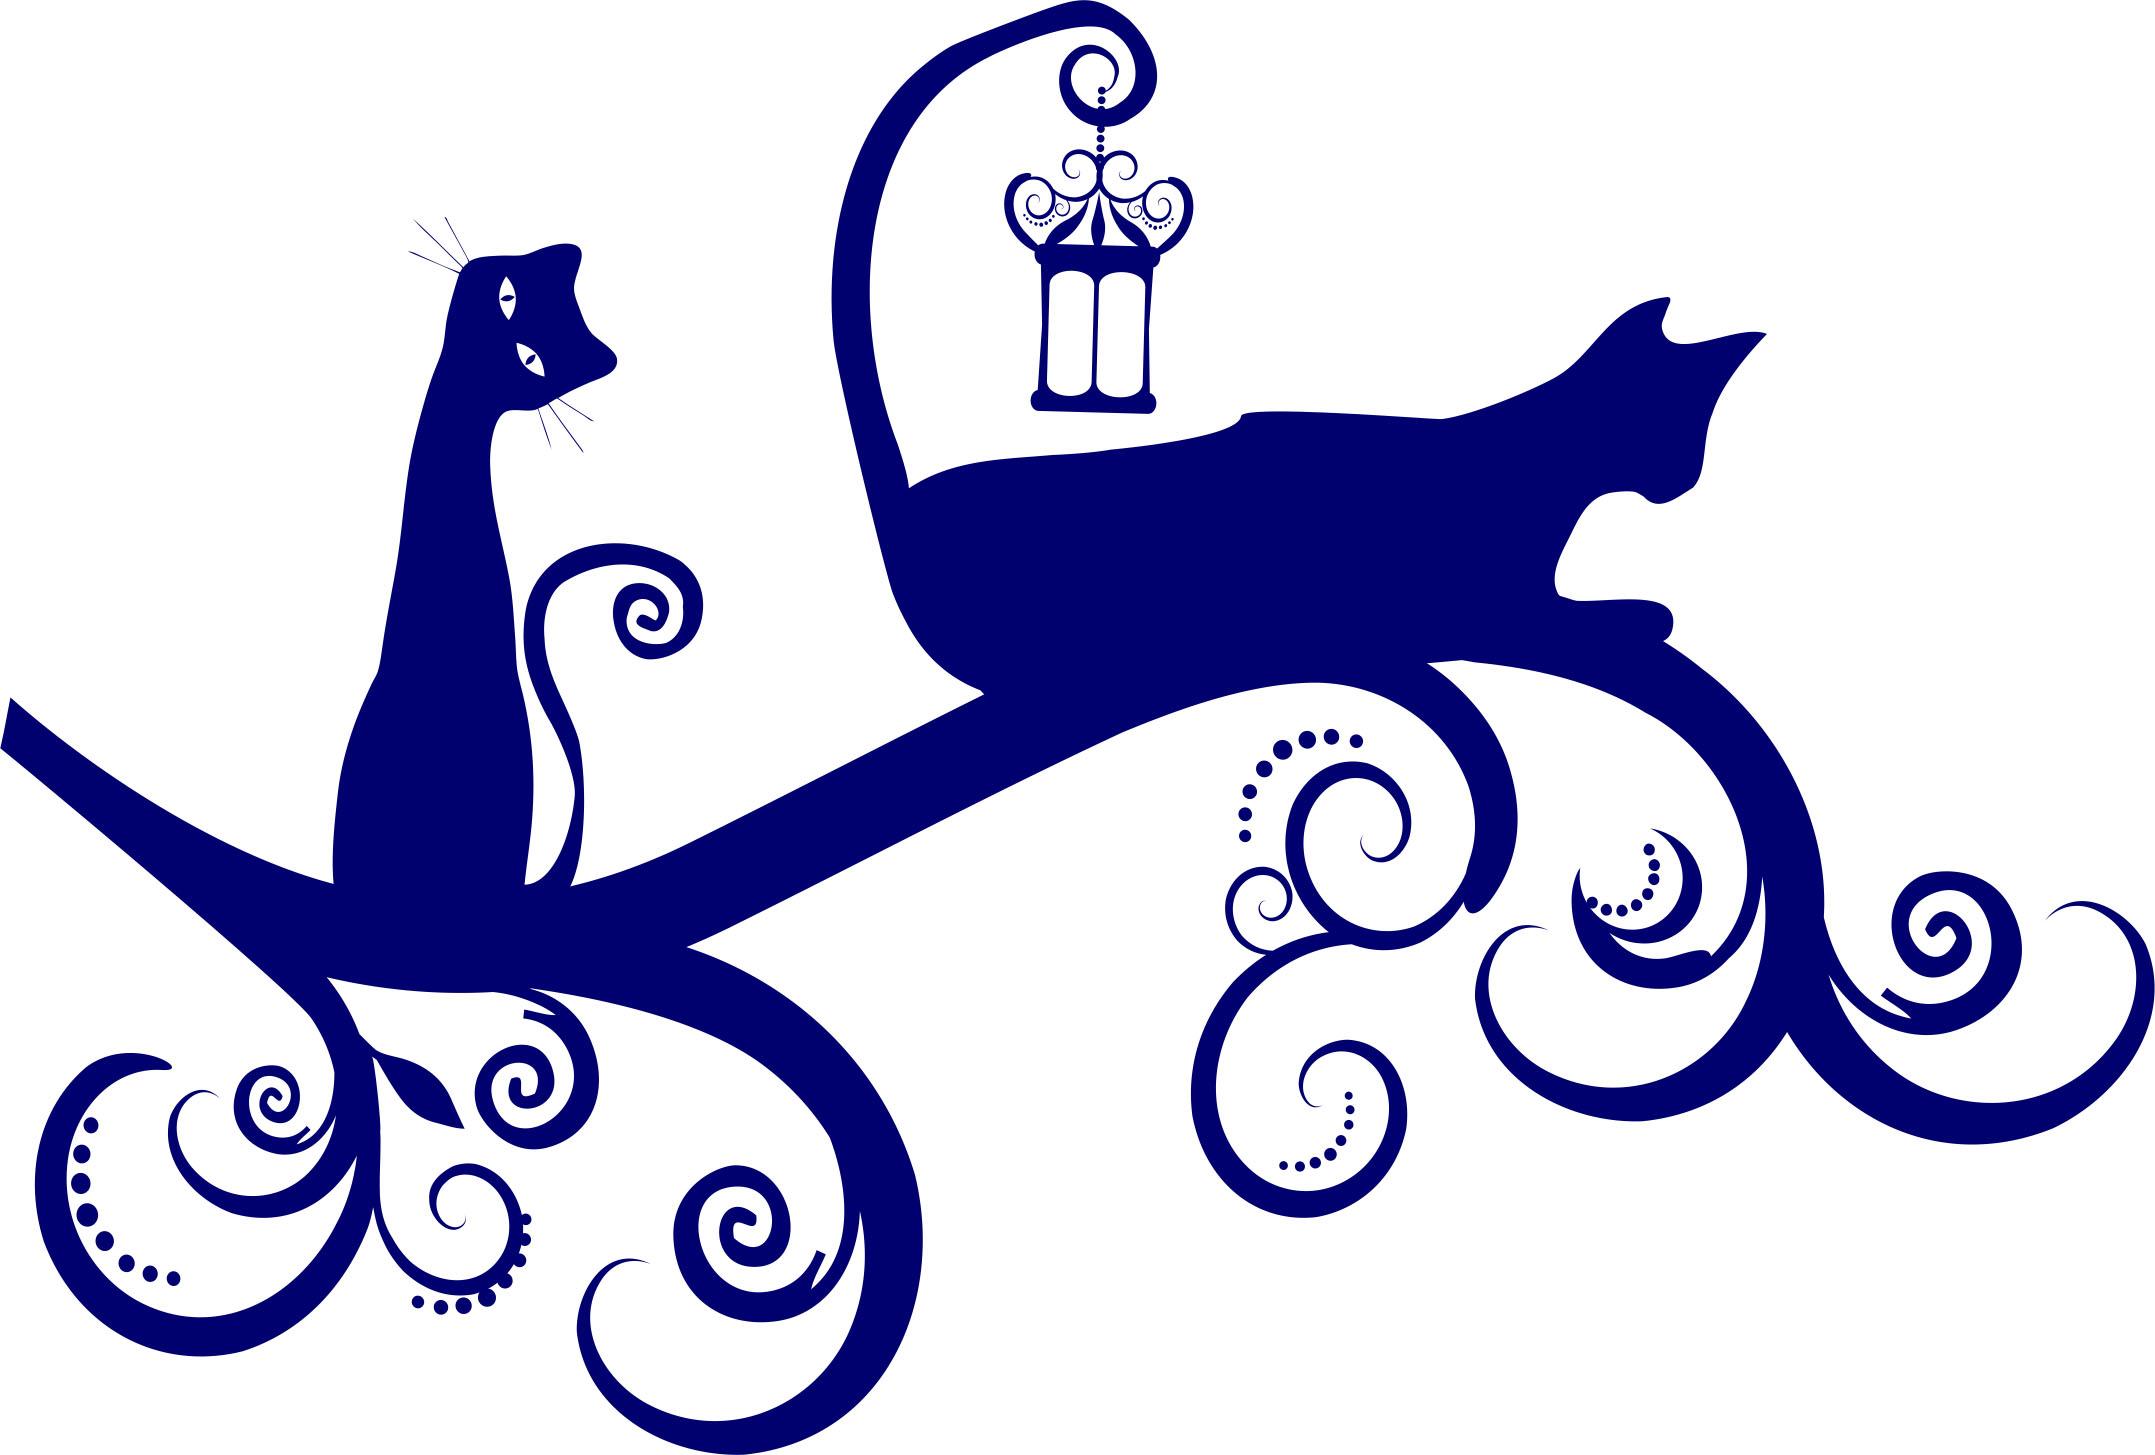 Трафареты для декора кошки своими руками шаблоны